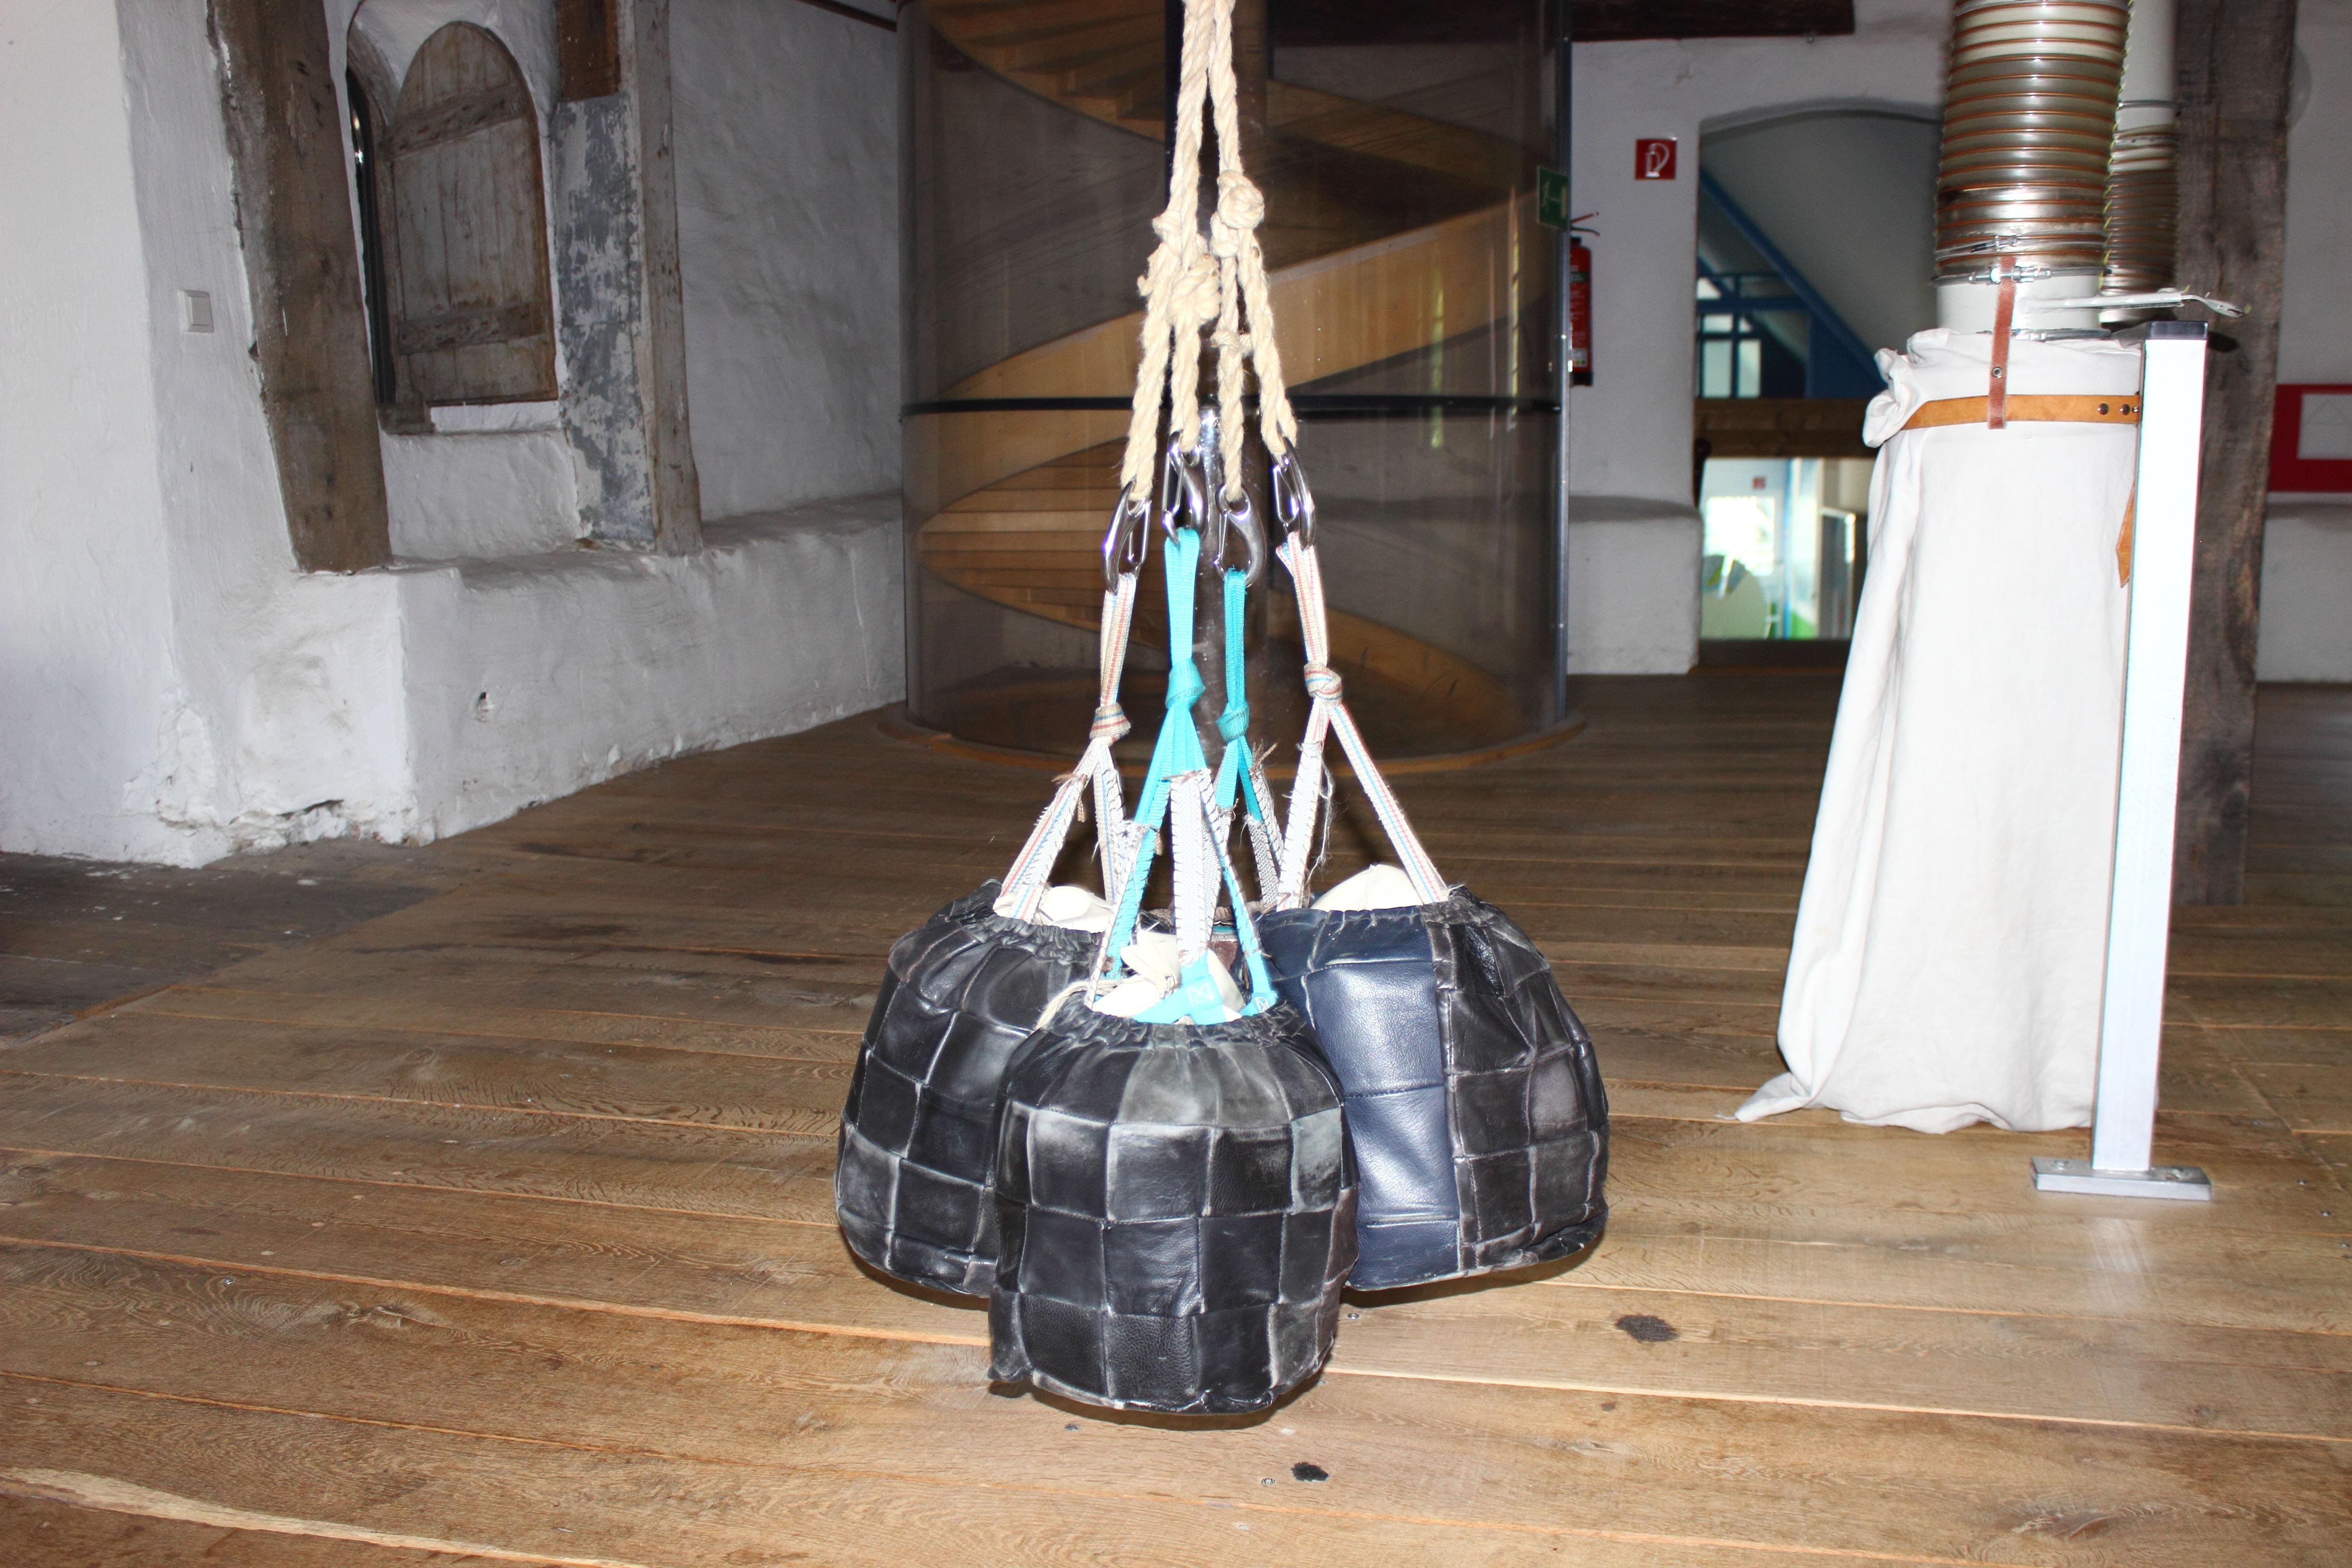 Vier Jahreszeiten Park Oelde Museum Gewichte